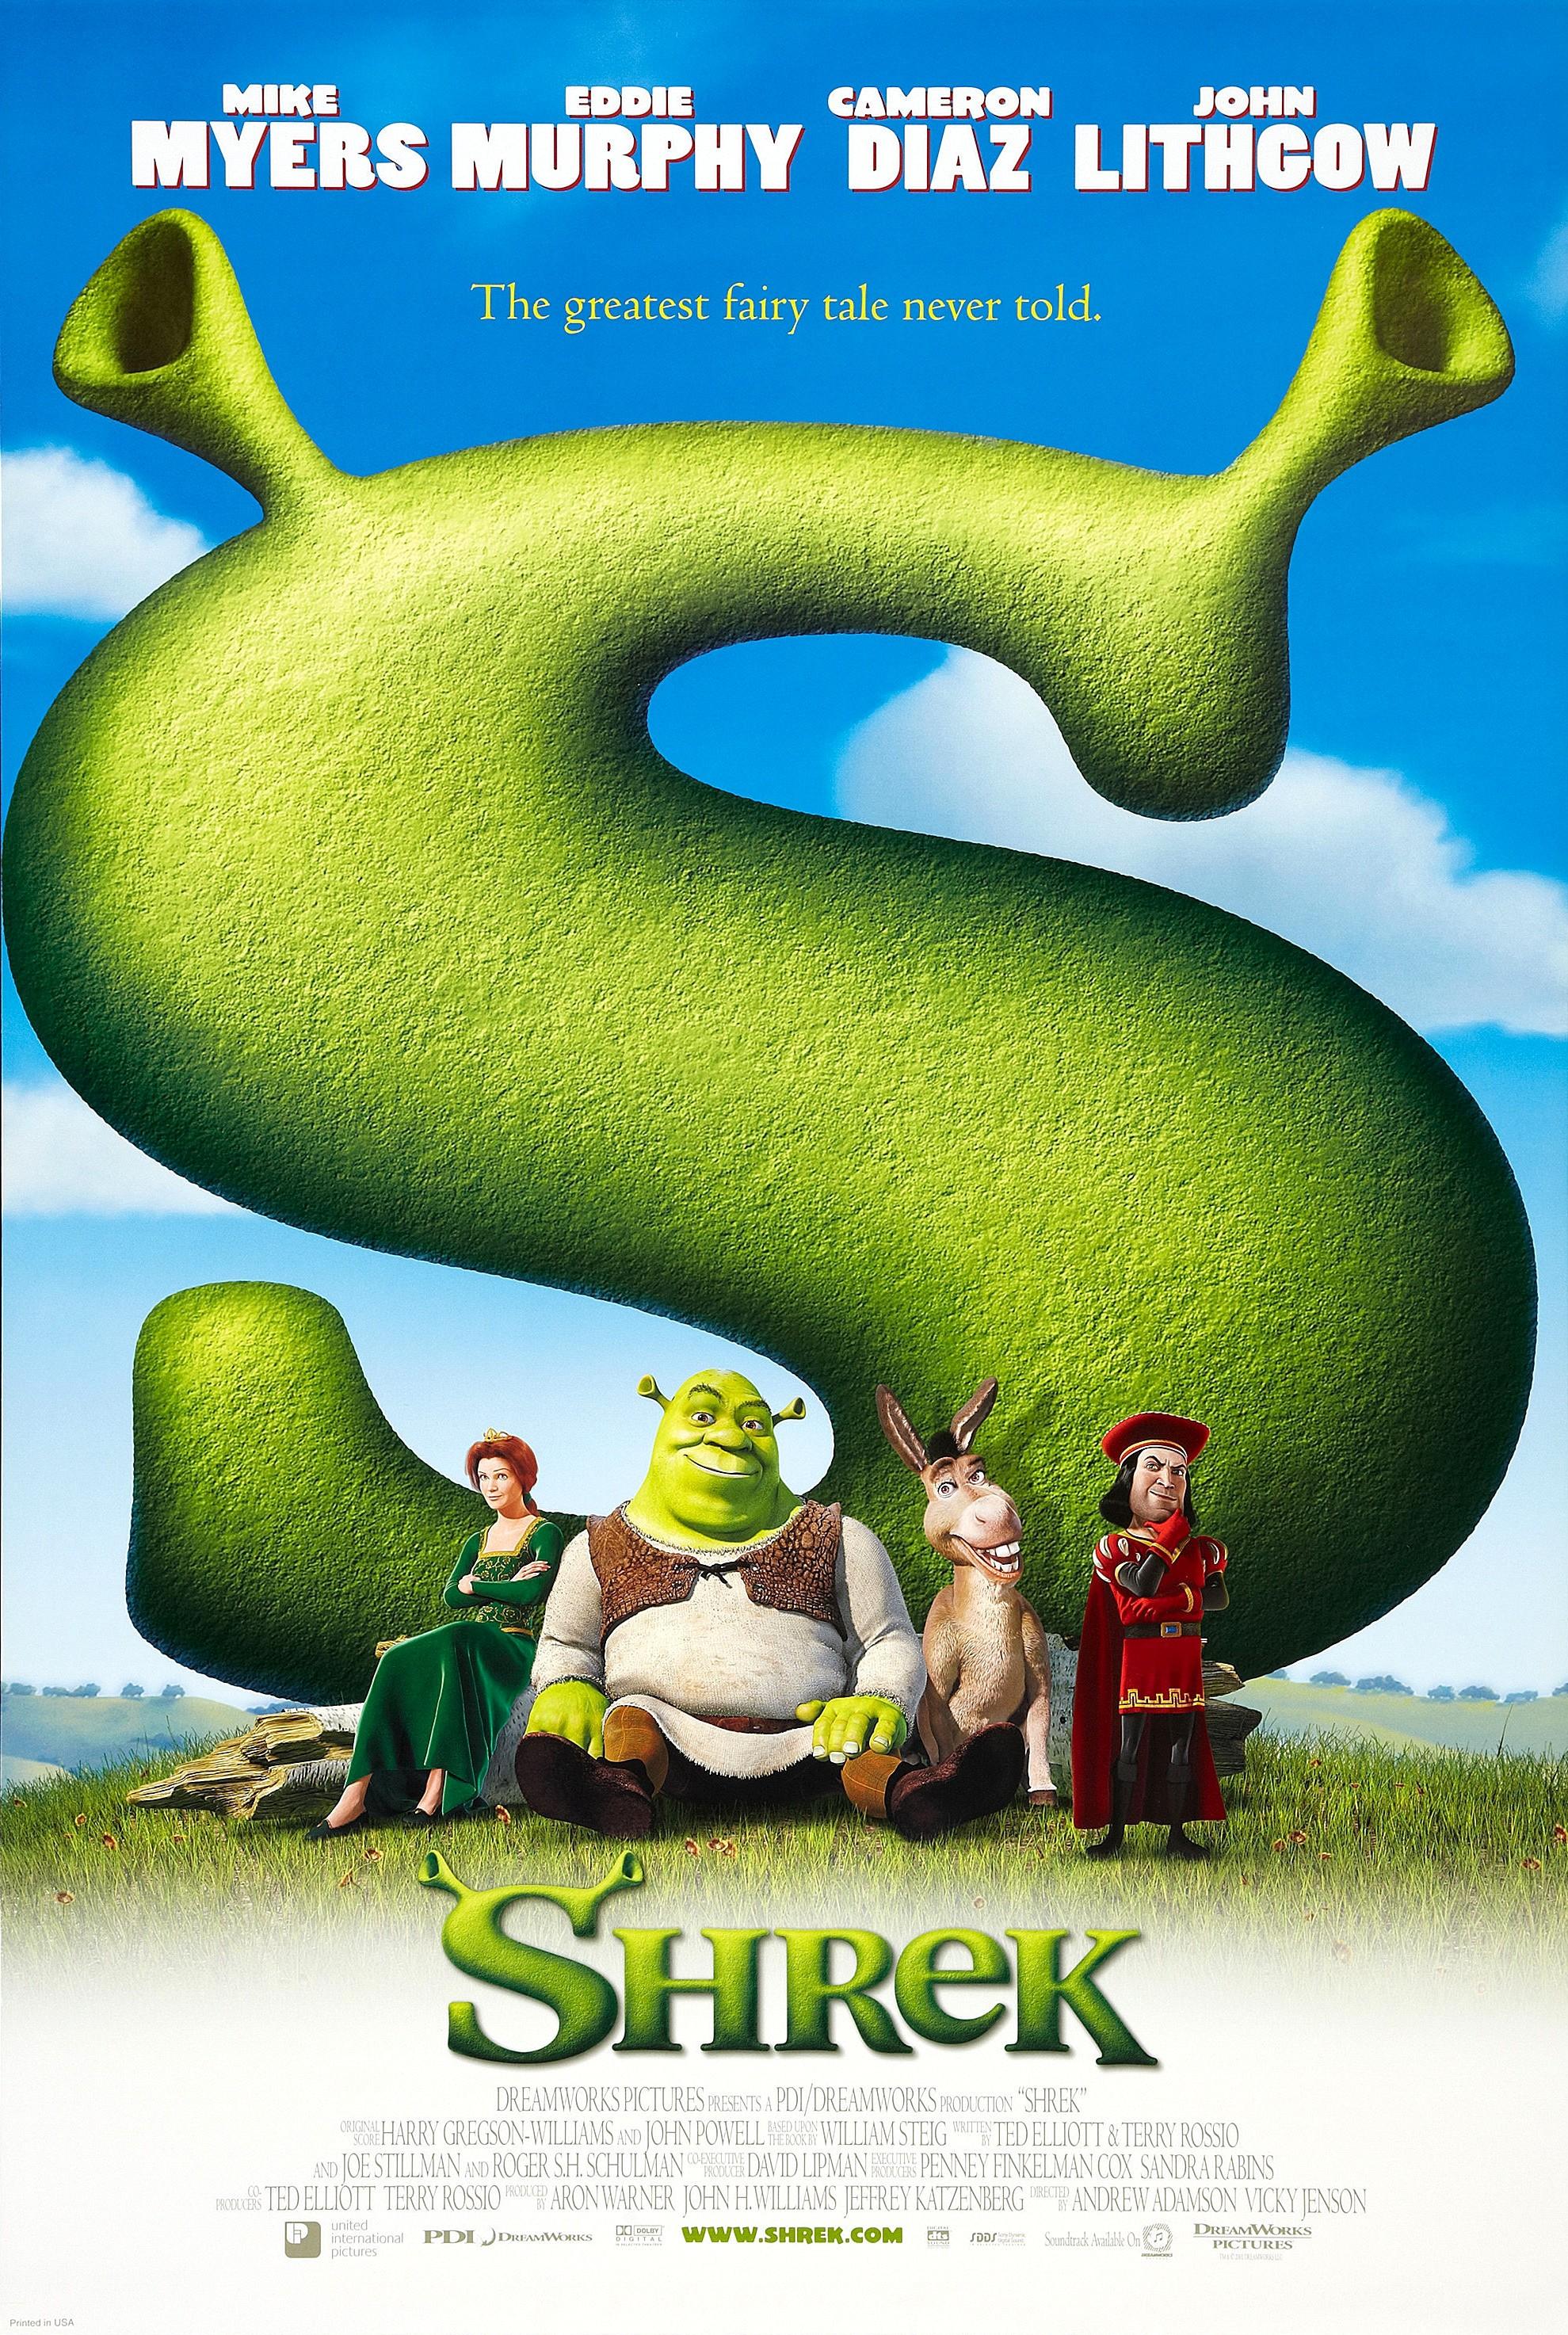 http://vignette3.wikia.nocookie.net/shrek/images/7/7c/Shrek_Poster_02.jpg/revision/latest?cb=20150119045951